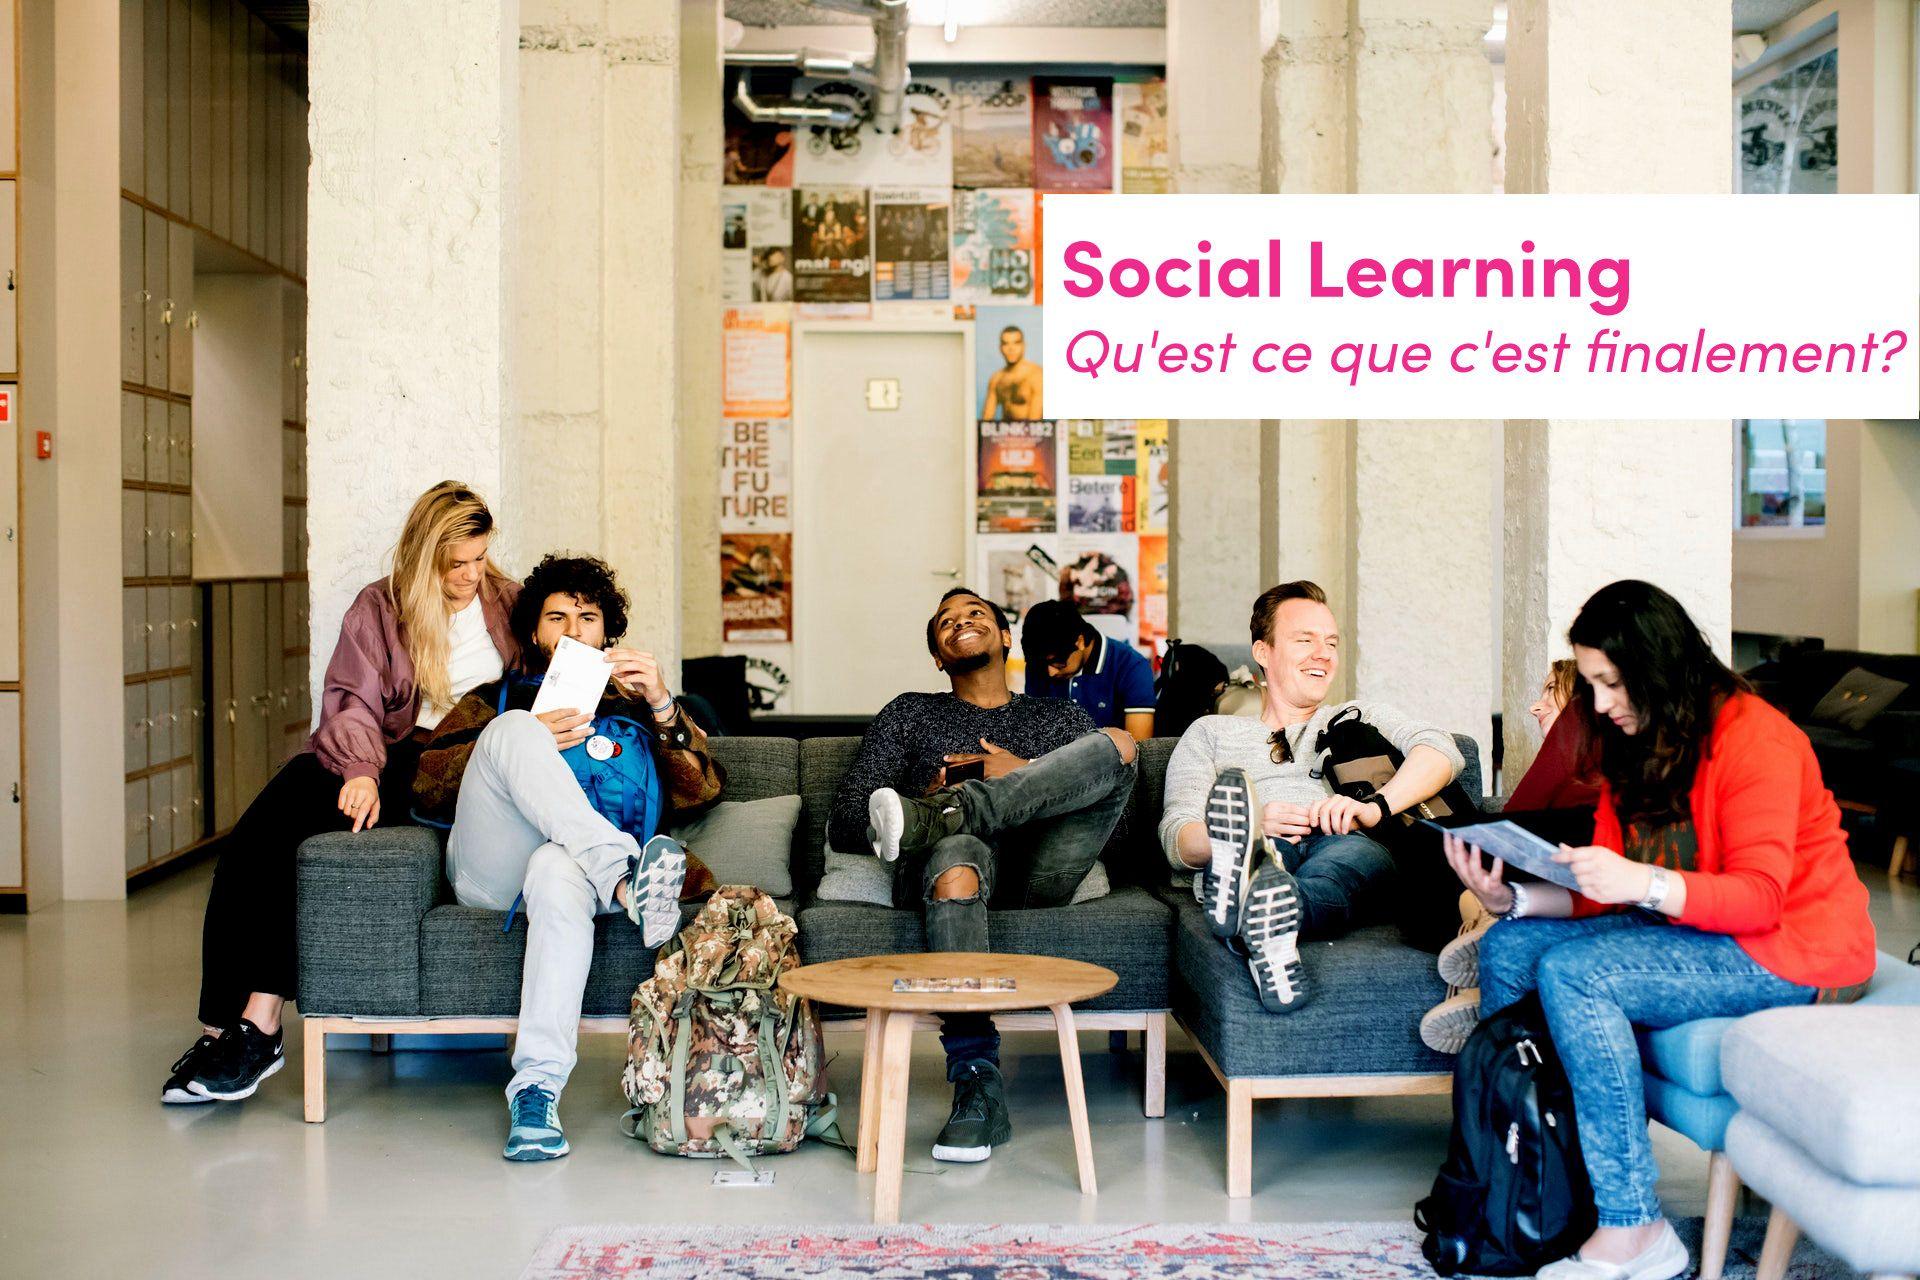 Finalement quest ce que le social learning